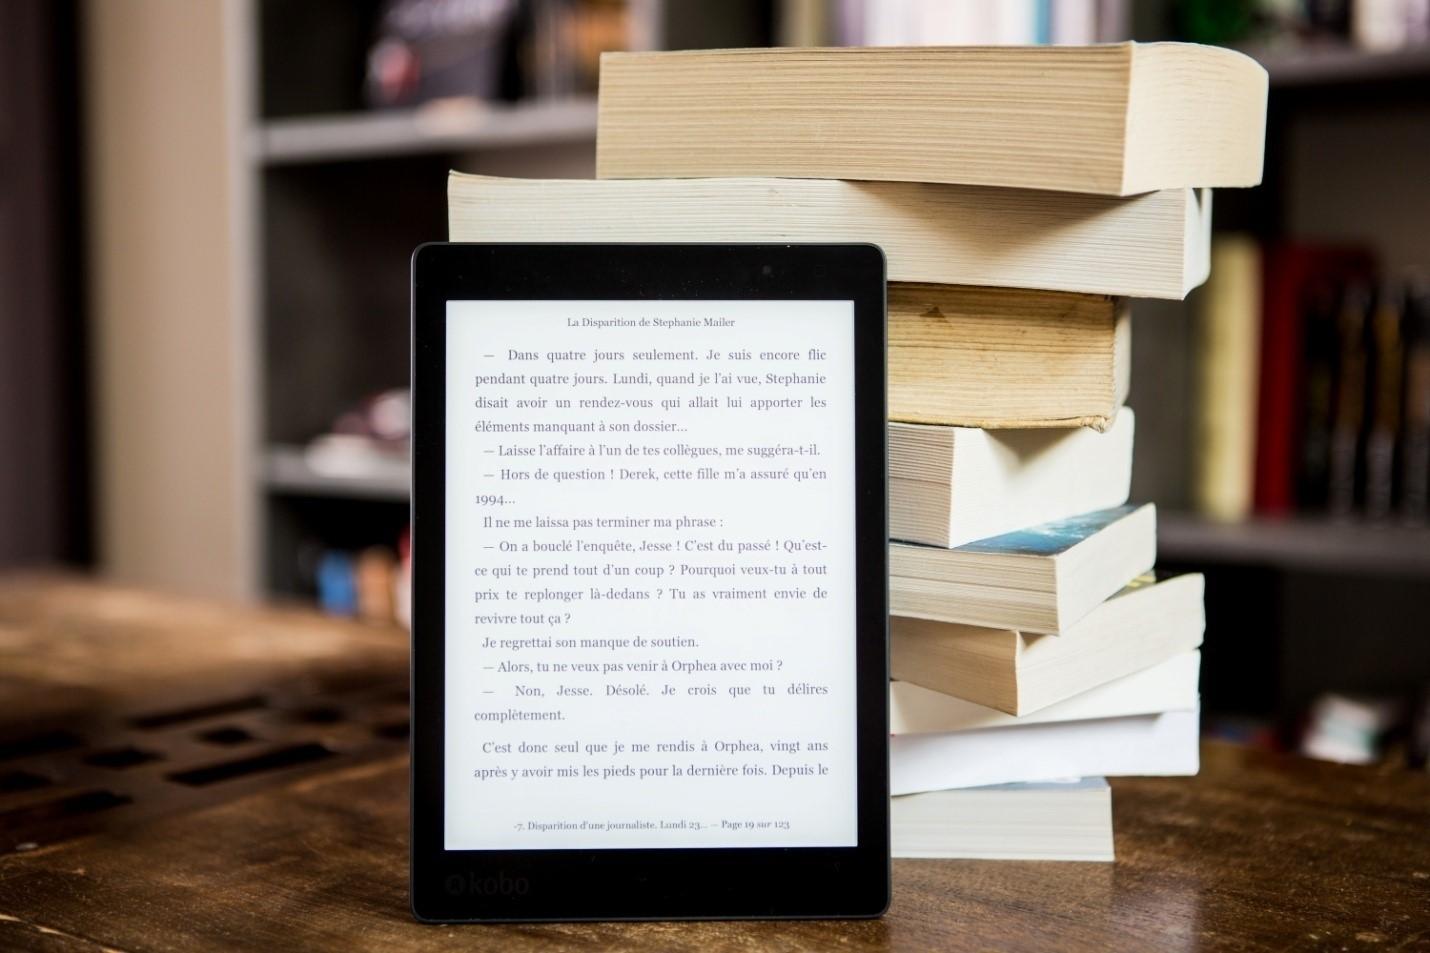 """""""Toplina u komunikaciji. Koliko god željeli da pokažemo emociju preko ekrana, nije moguće je upotpuniti. Svi koristimo isti font. Neki poštuju pravopis, neki manje. Ali, mašina ostaje mašina, iako je iza nje čovjek. Još se nije izgubilo, ali krenuli smo da gubimo knjige. Preuzimamo dosta materijala u PDF formatu, a slast čitanja se time gubi."""" F. K.<br>FOTO: pexels.com"""